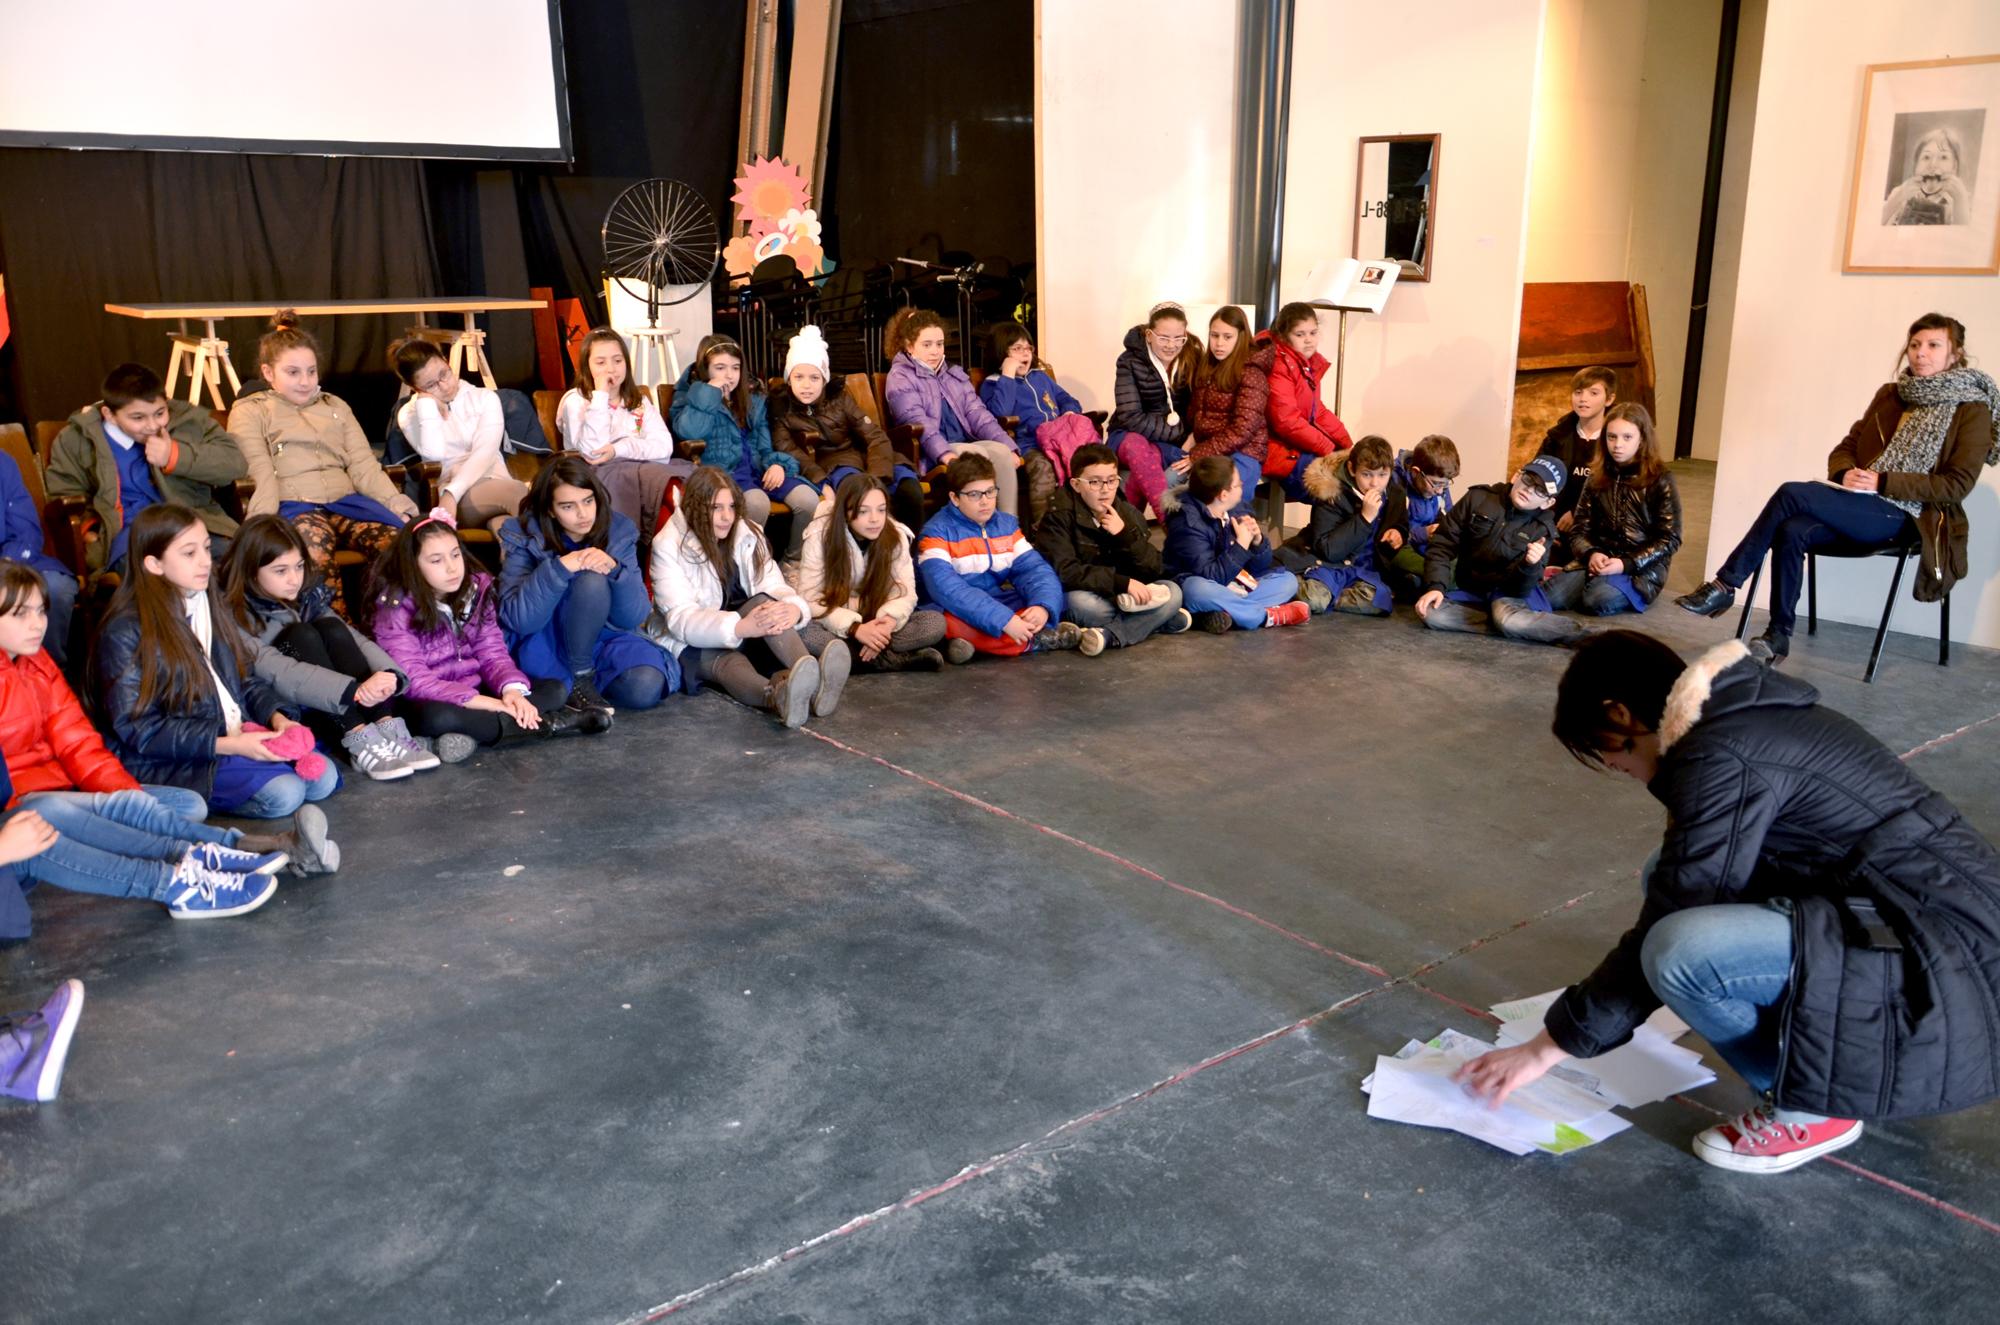 Laboratori didattici organizzati in collaborazione con le scuole aquilane